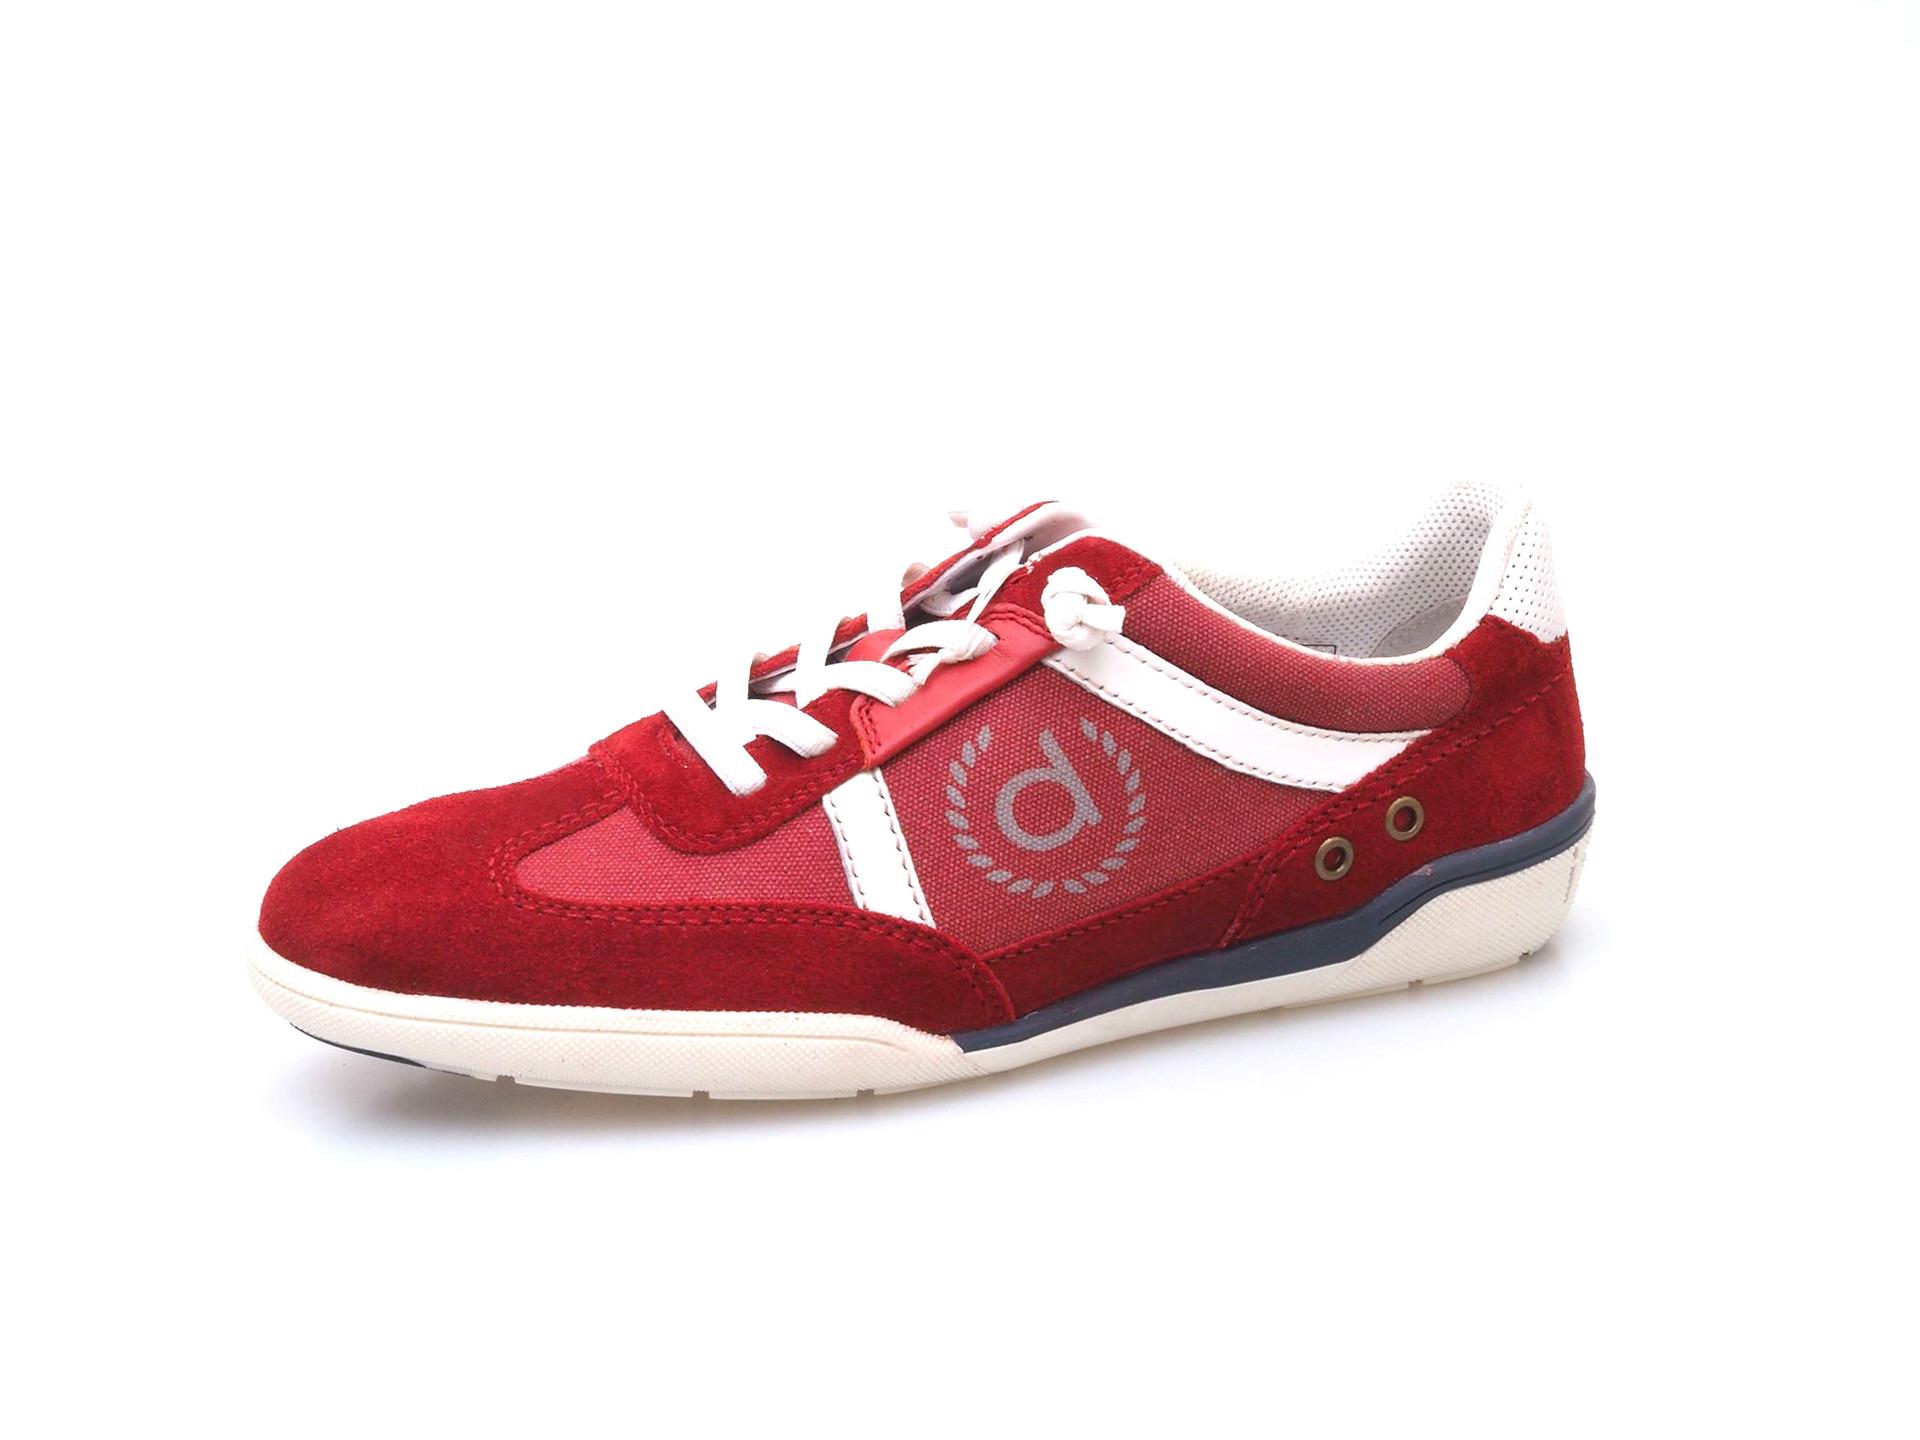 Soňa - Pánska obuv - Tenisky - Červená pánska športová obuv značky ... a7ab2a22b9